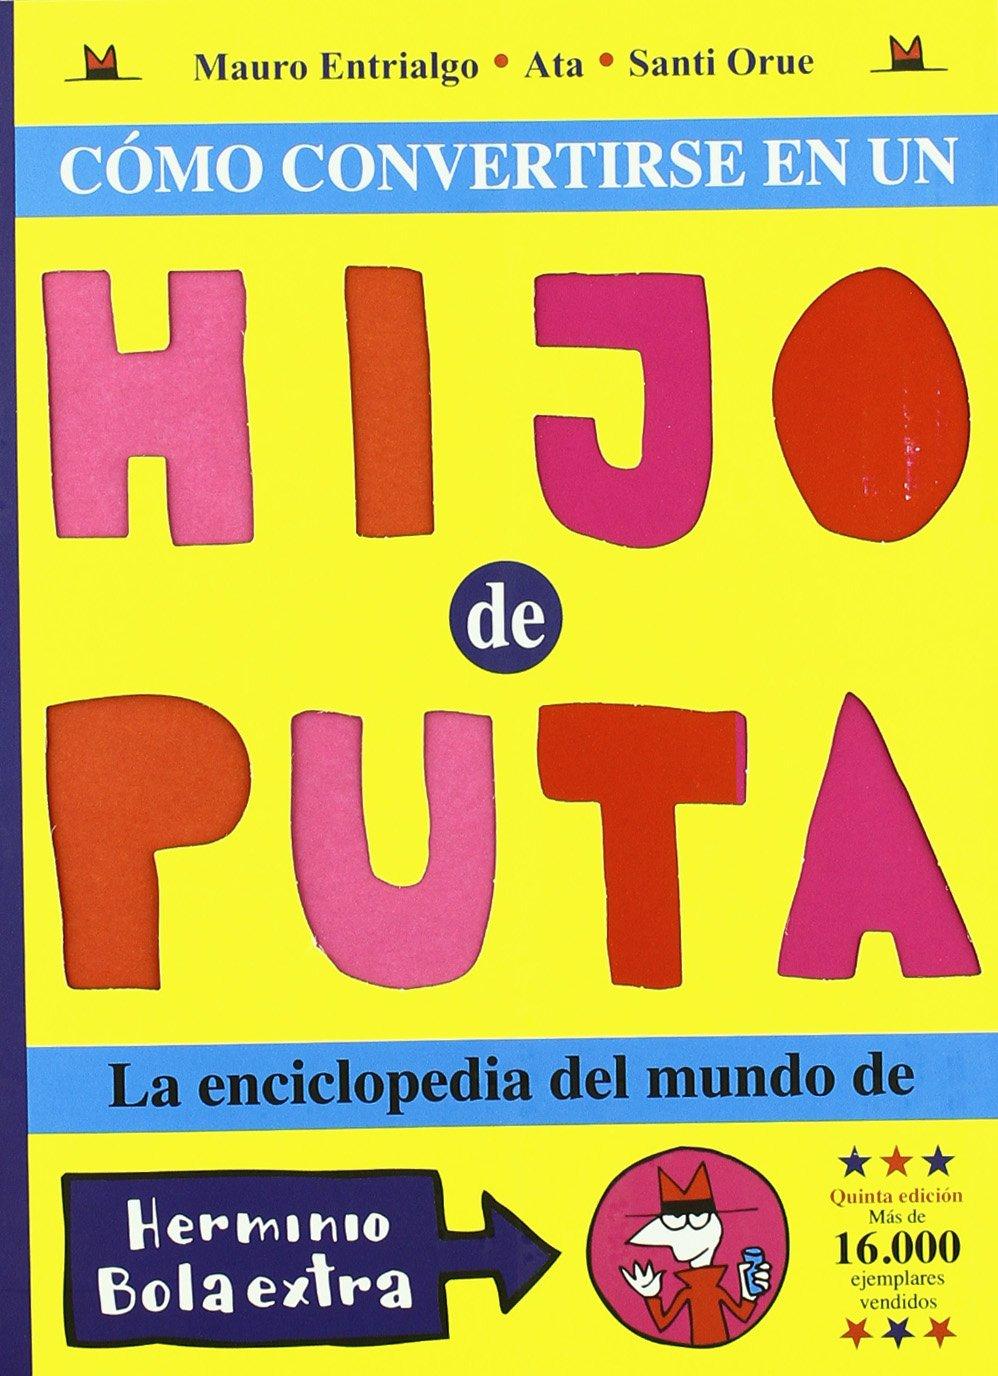 Como Convertirse En Un Hijo Puta (Kili Kili): Amazon.es: Entrialgo, Mauro, Orue, Santi, Ata: Libros